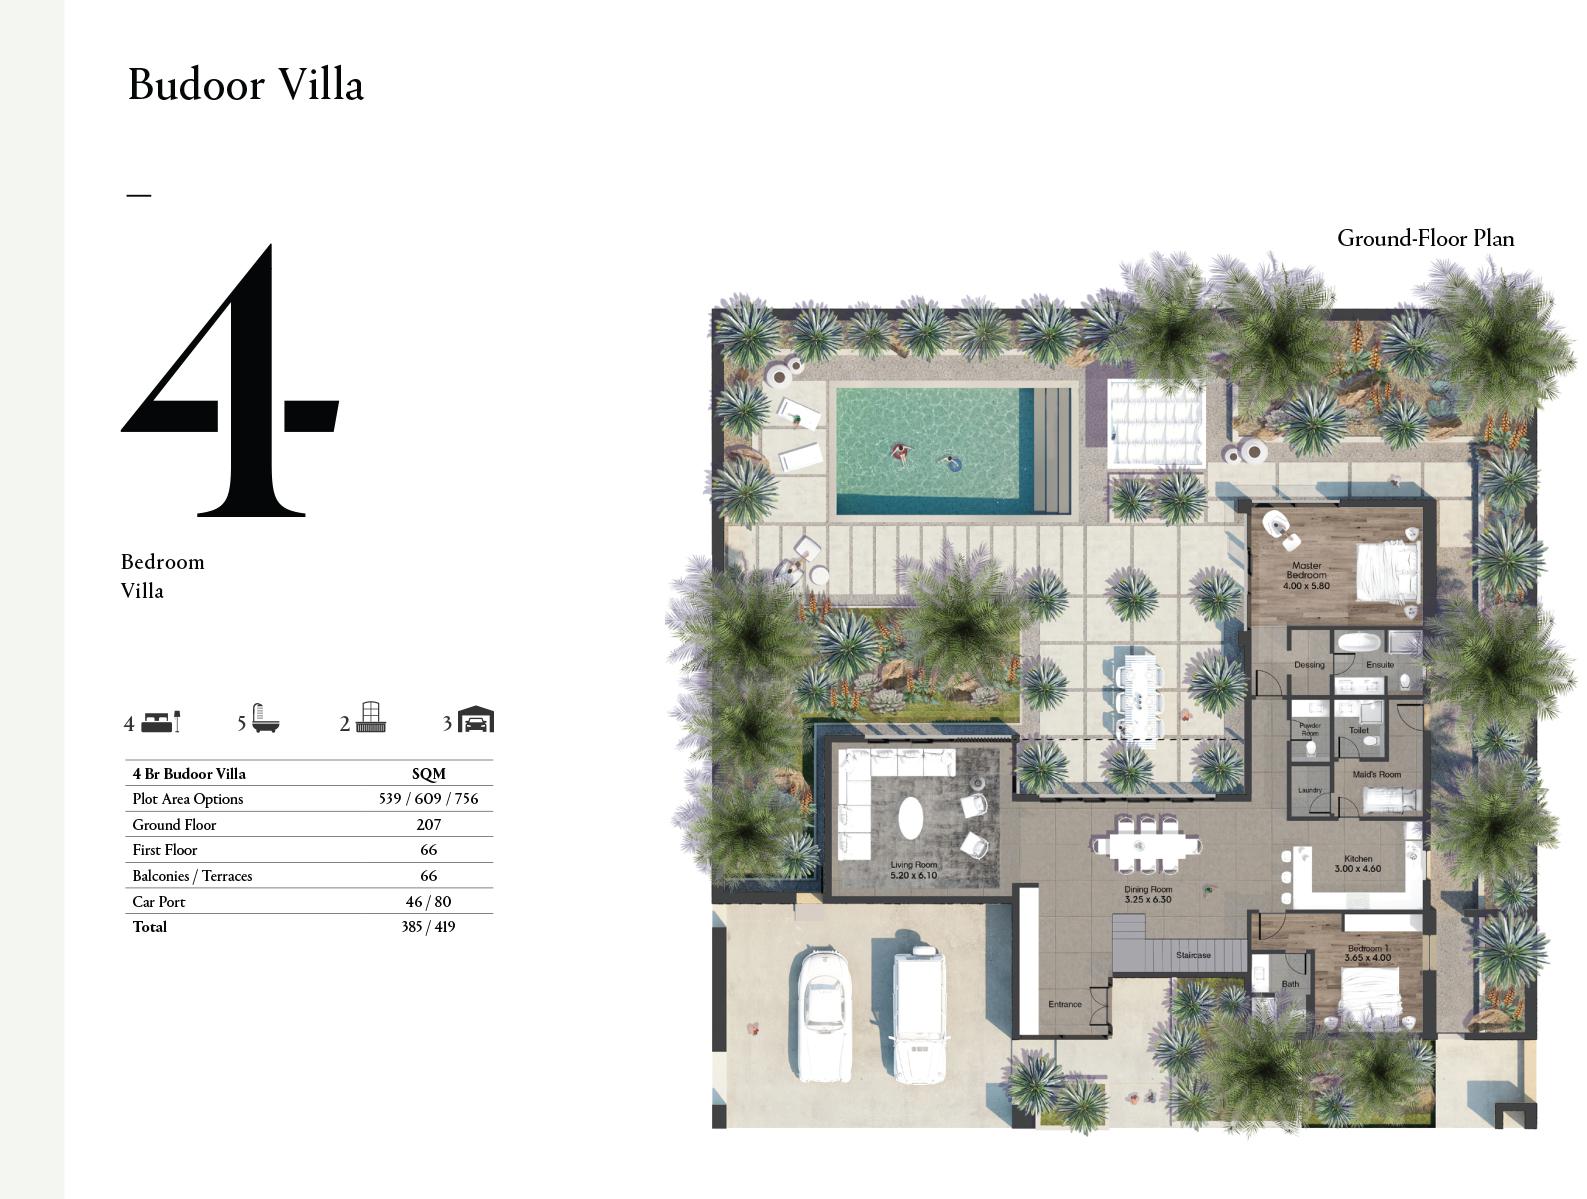 https://drehomes.com/wp-content/uploads/4-Bedroom-Villa-Ground-Floor-419Sqm.jpg